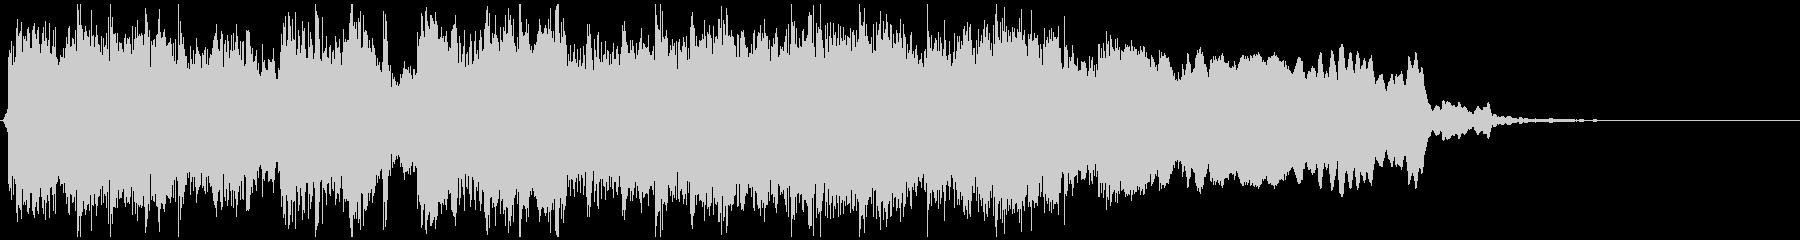 ゴリゴリな和風EDMジングル ※11秒版の未再生の波形